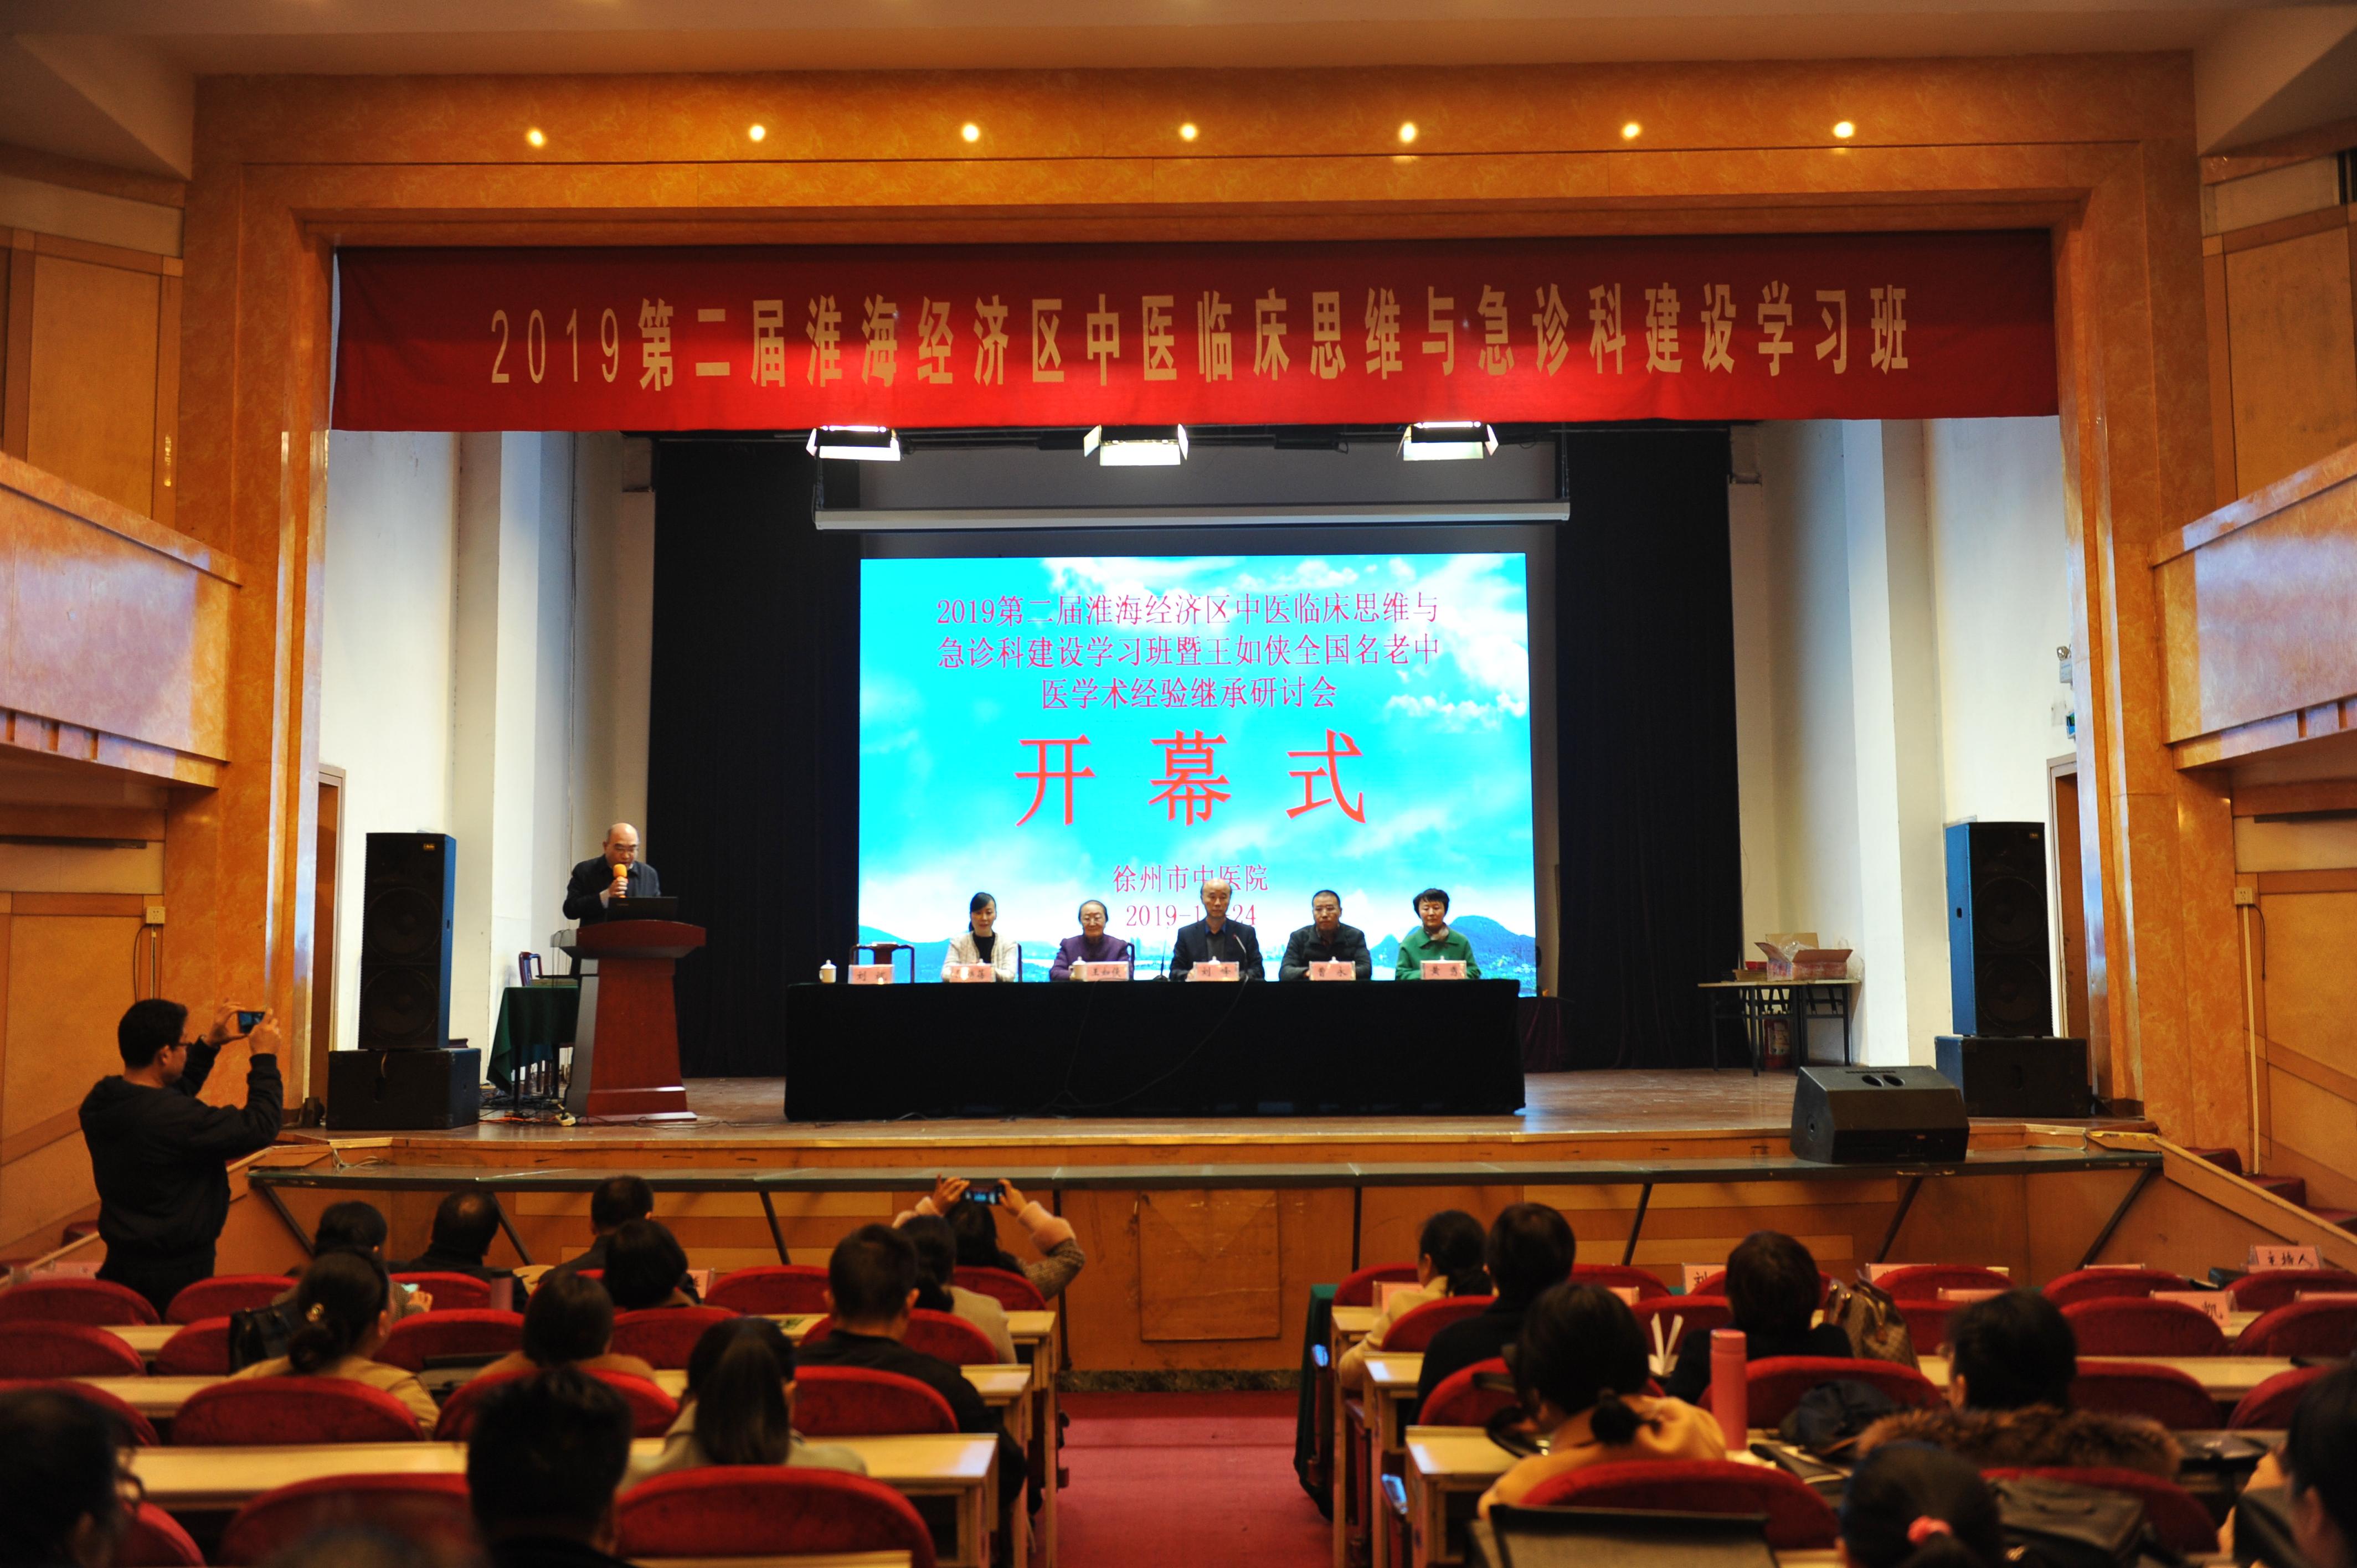 徐州市中医院成功举办第二届淮海经济区中医临床思